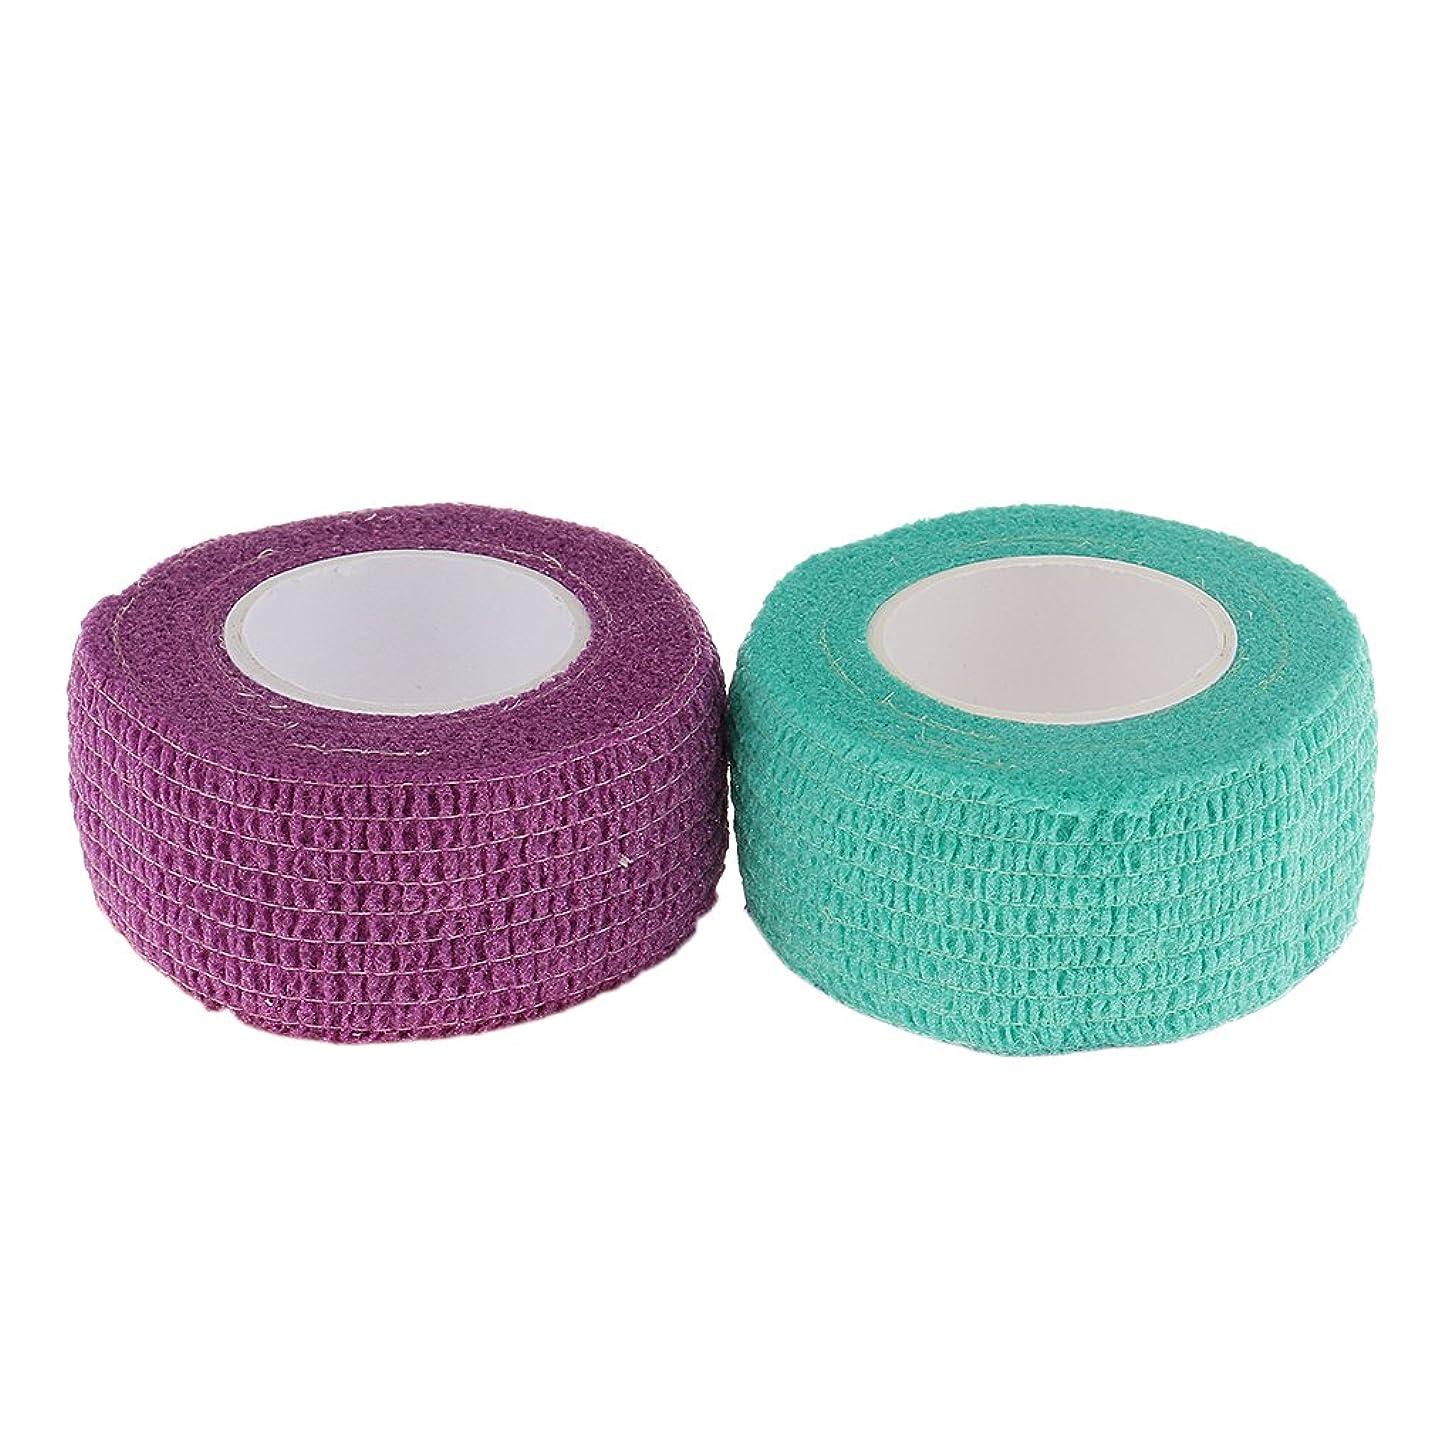 代替案劇的平衡T TOOYFUL ネイルケア 接着テープ 保護 包帯 自己粘着 ネイルエクステンション 織布 使いやすい 2個セット